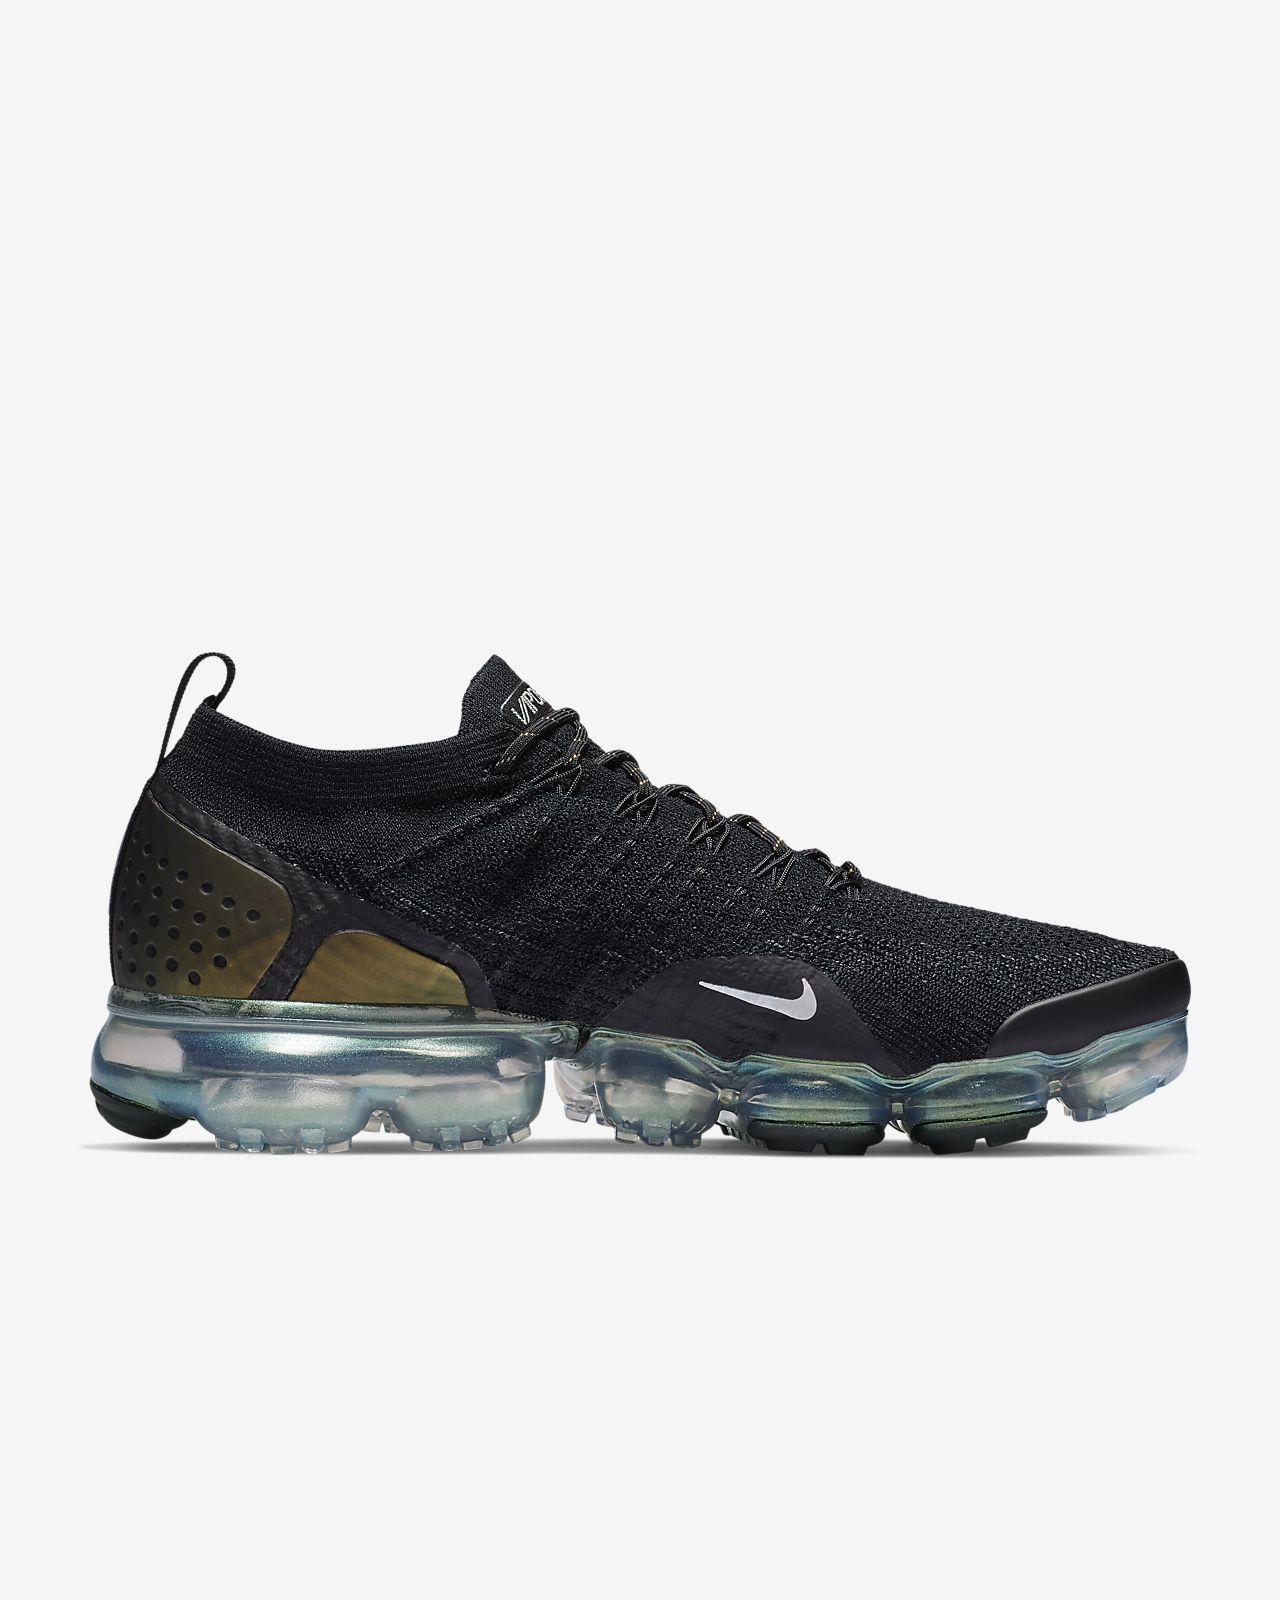 online store 51a65 d0e21 ... Chaussure Nike Air VaporMax Flyknit 2